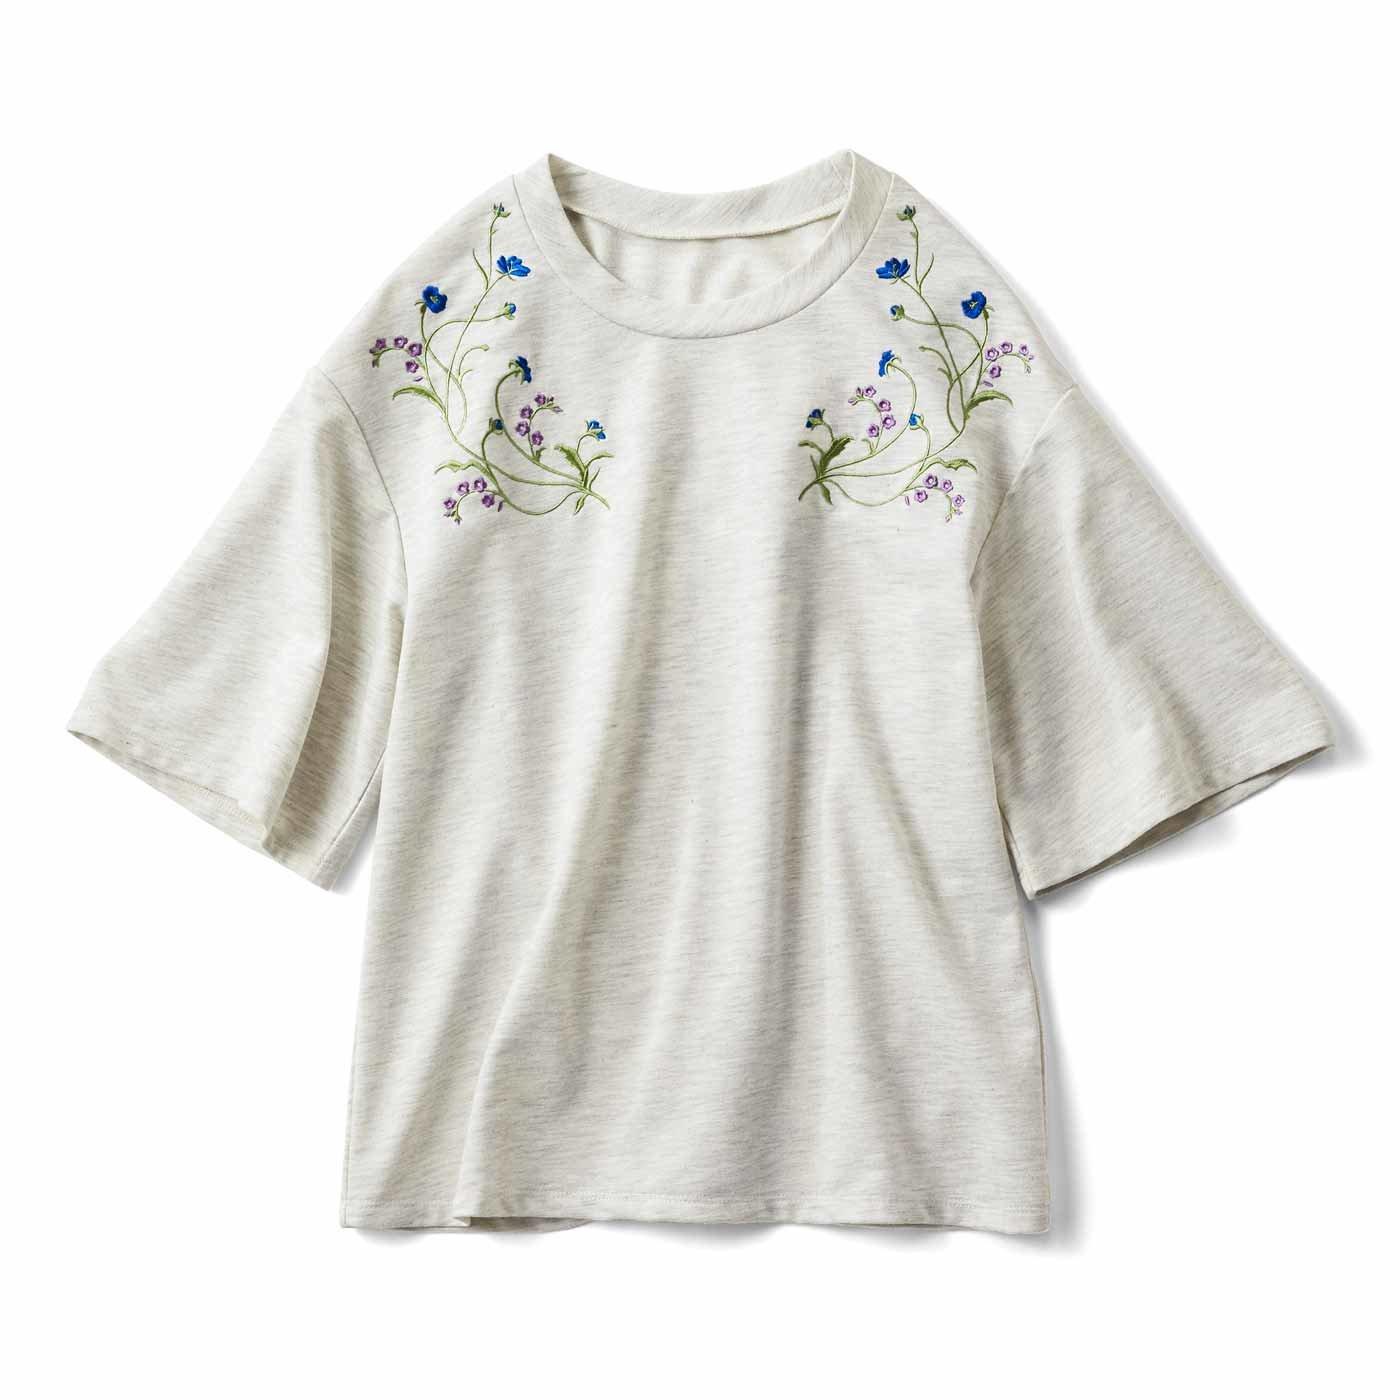 可憐なお花の刺しゅう入りTシャツ〈ライトグレー〉